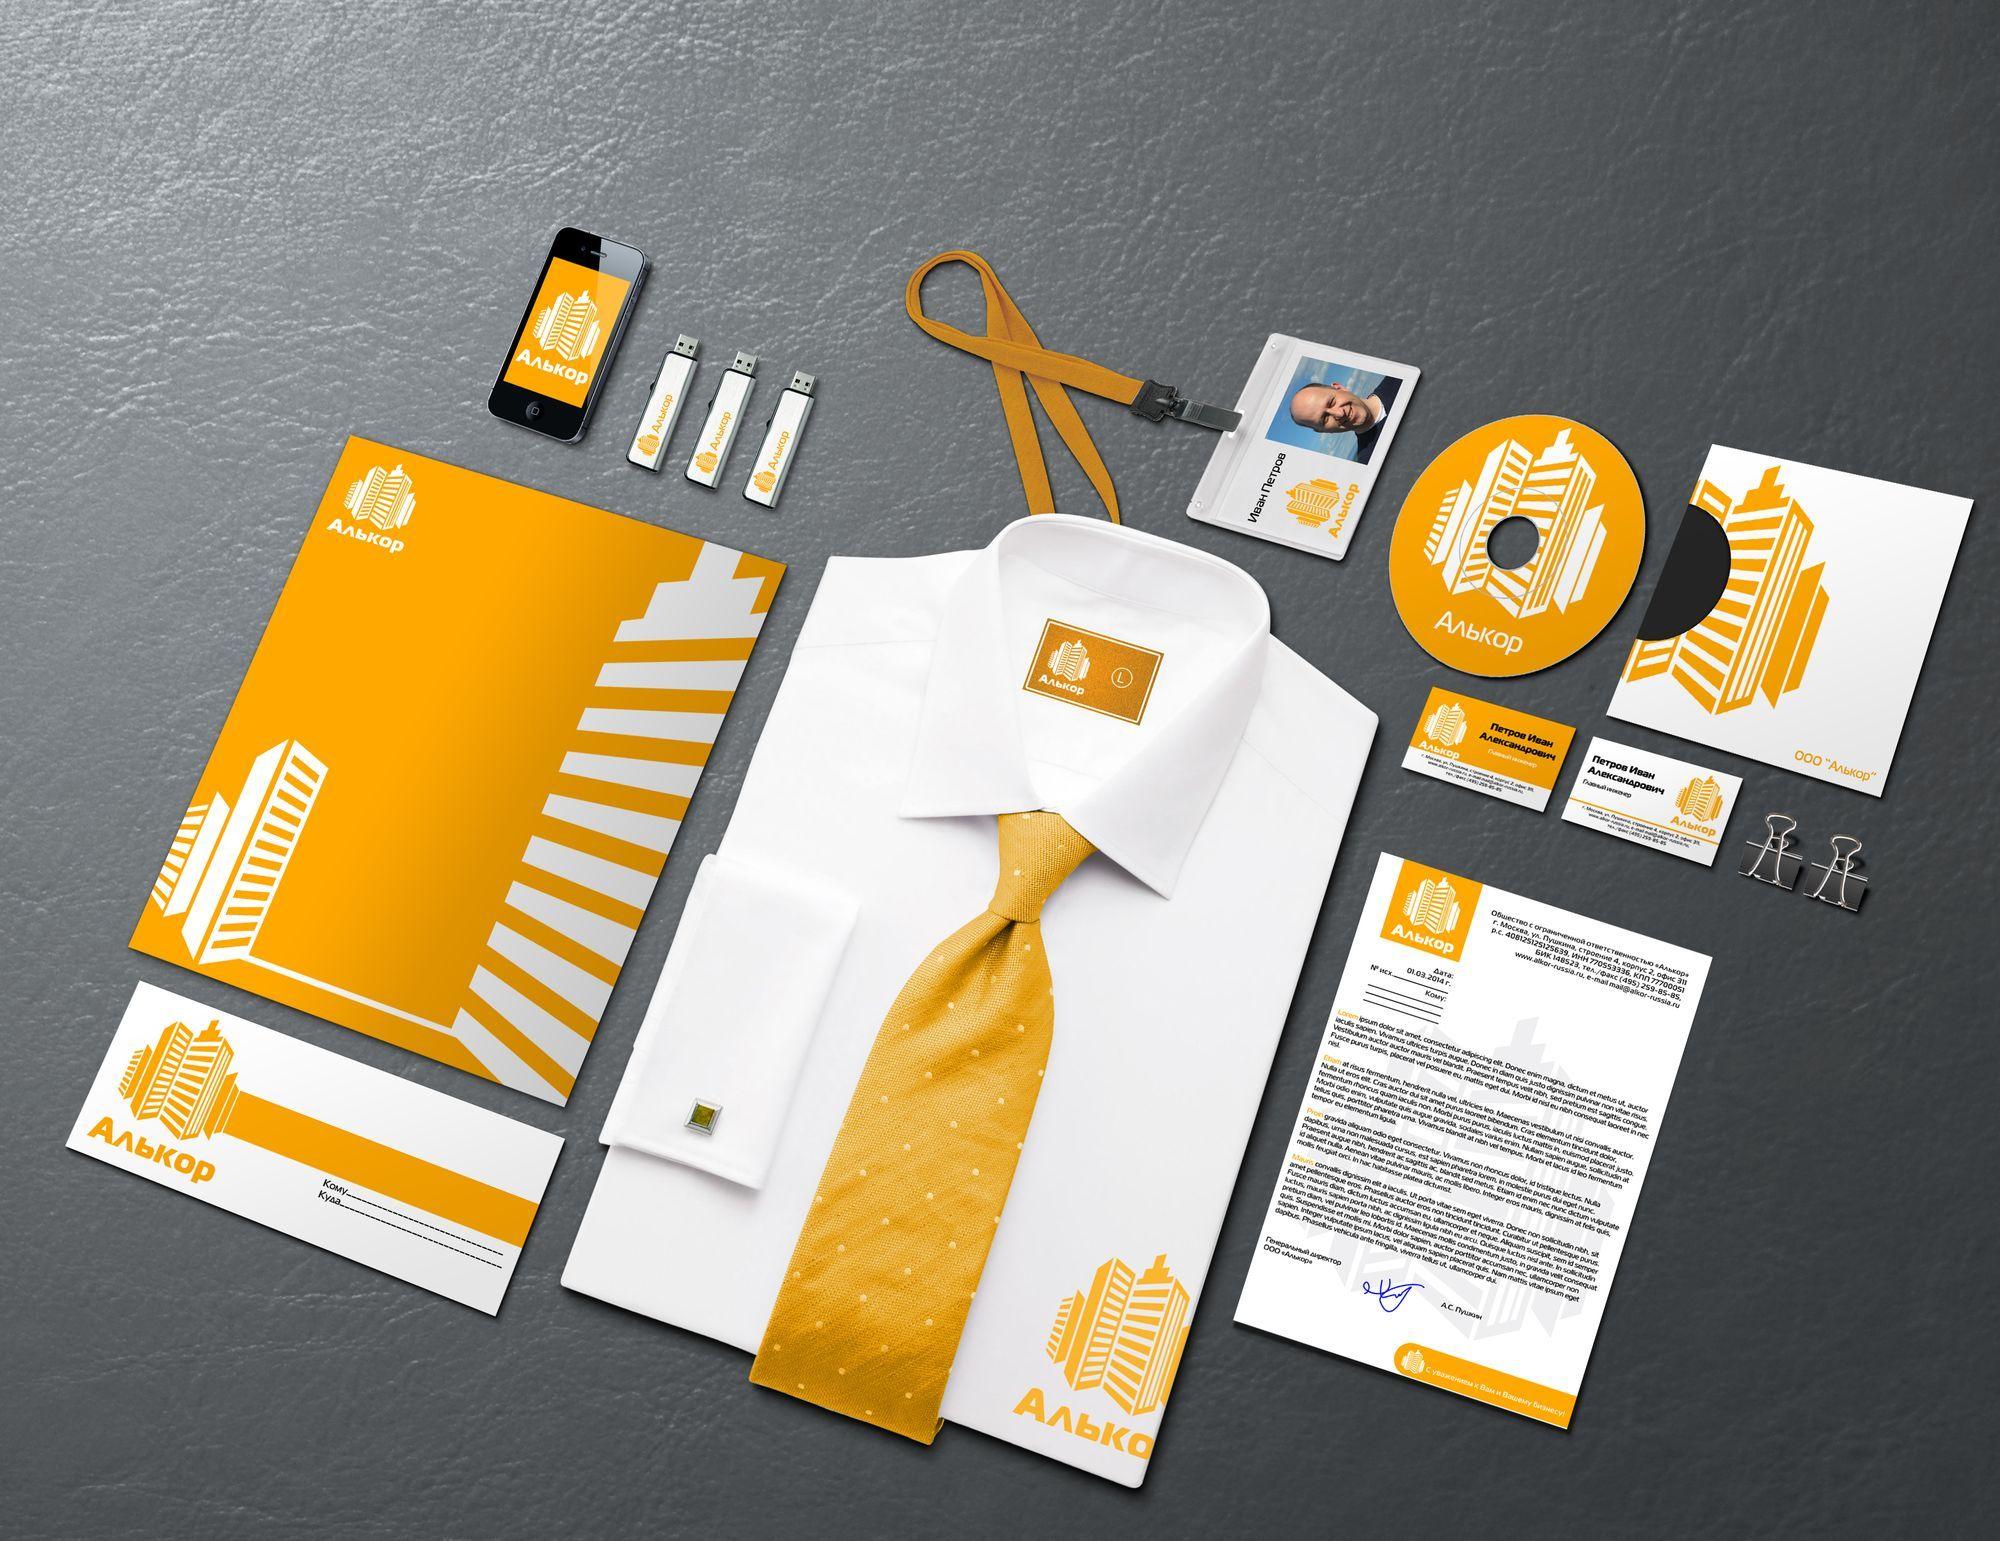 Логотип и фир.стиль для строительной организации - дизайнер arahmo